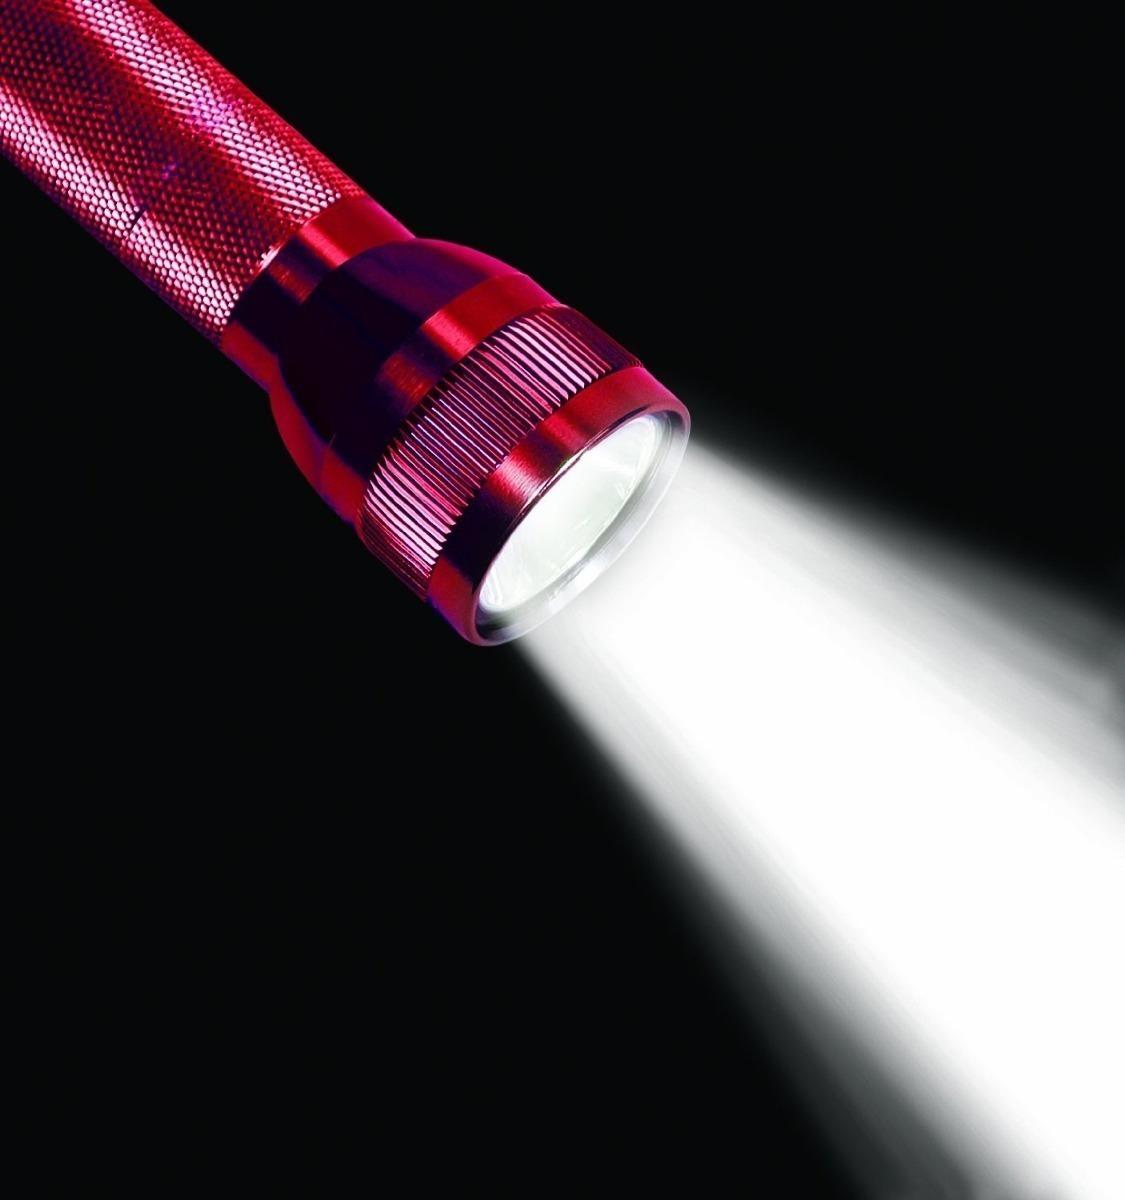 NiteIze D /& C LED Upgrade lrb2-07-pr para D y C-Cell Maglite y otros nuevo